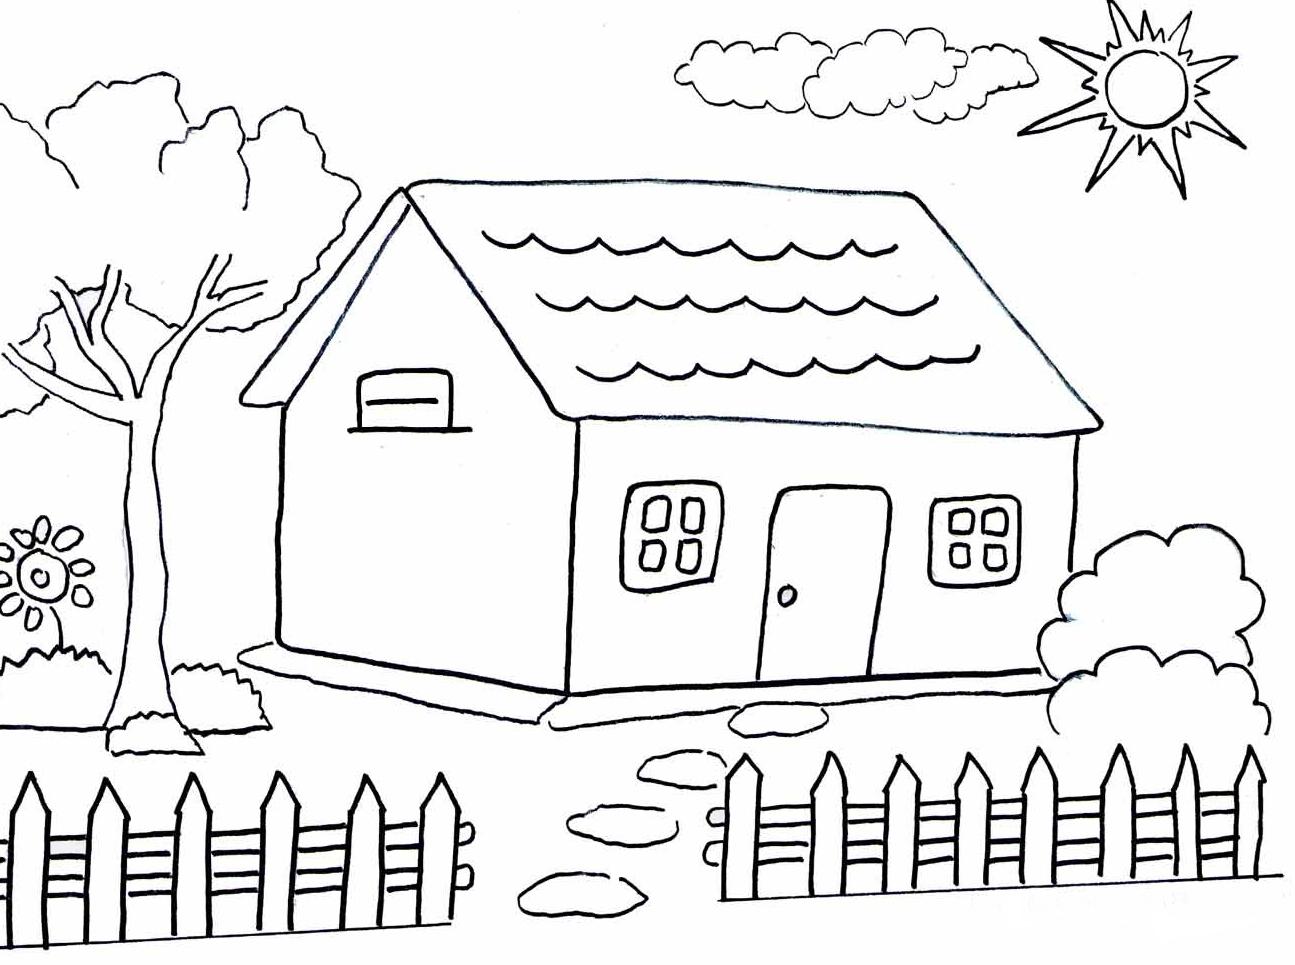 Koleksi Gambar Kartun Untuk Diwarnai Anak Tk Kolek Gambar